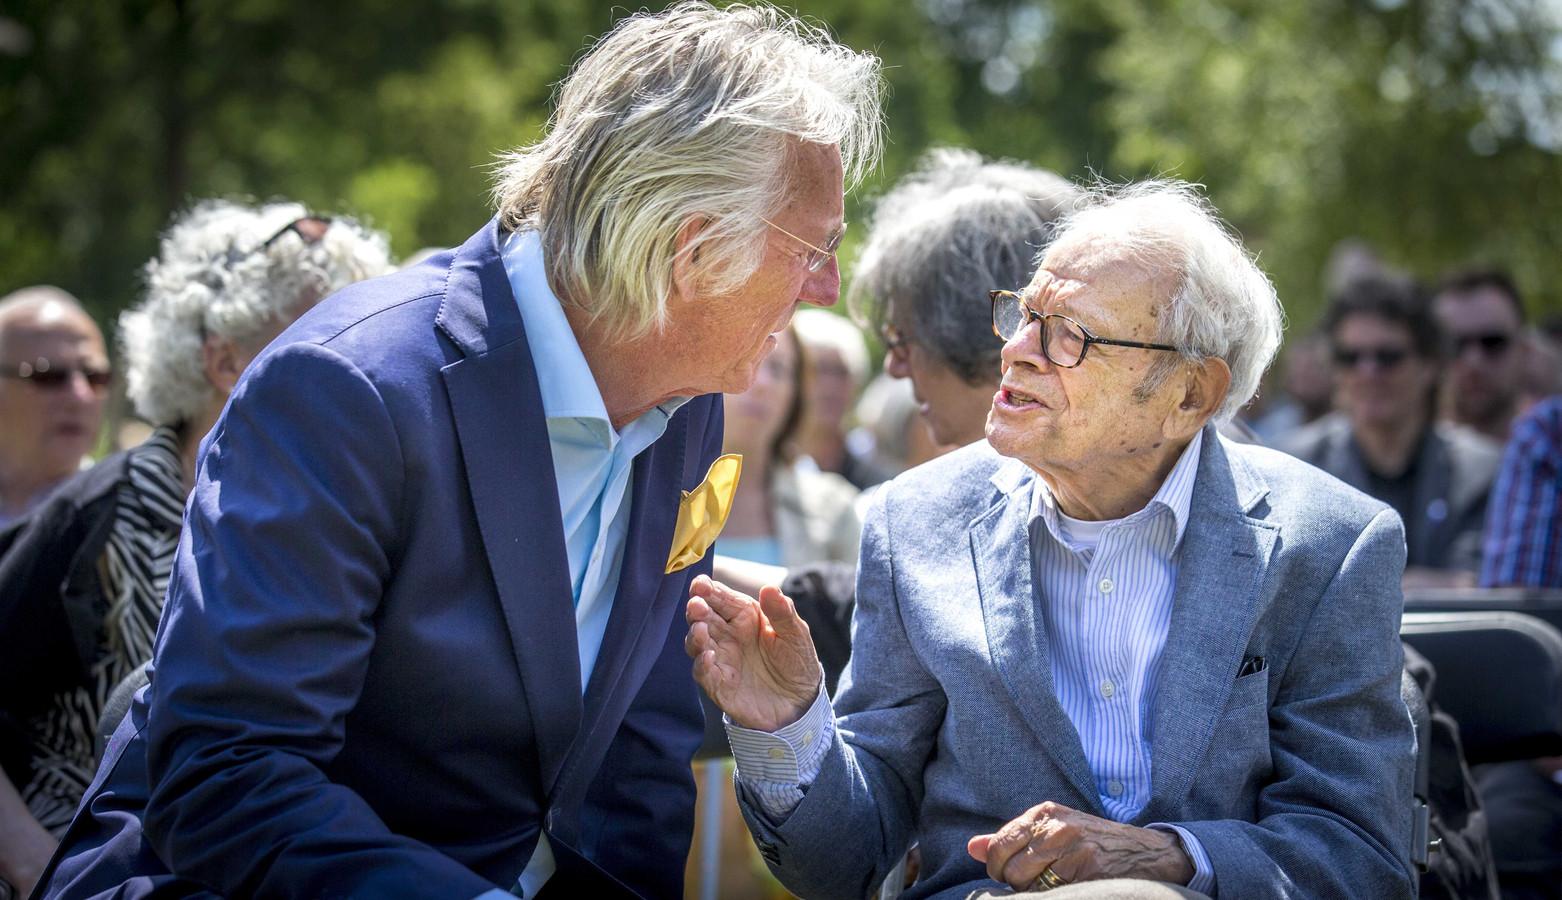 Archiefbeeld: Freek de Jonge (L) praat met Jules Schelvis, overlevende van onder meer vernietigingskamp Sobibor.